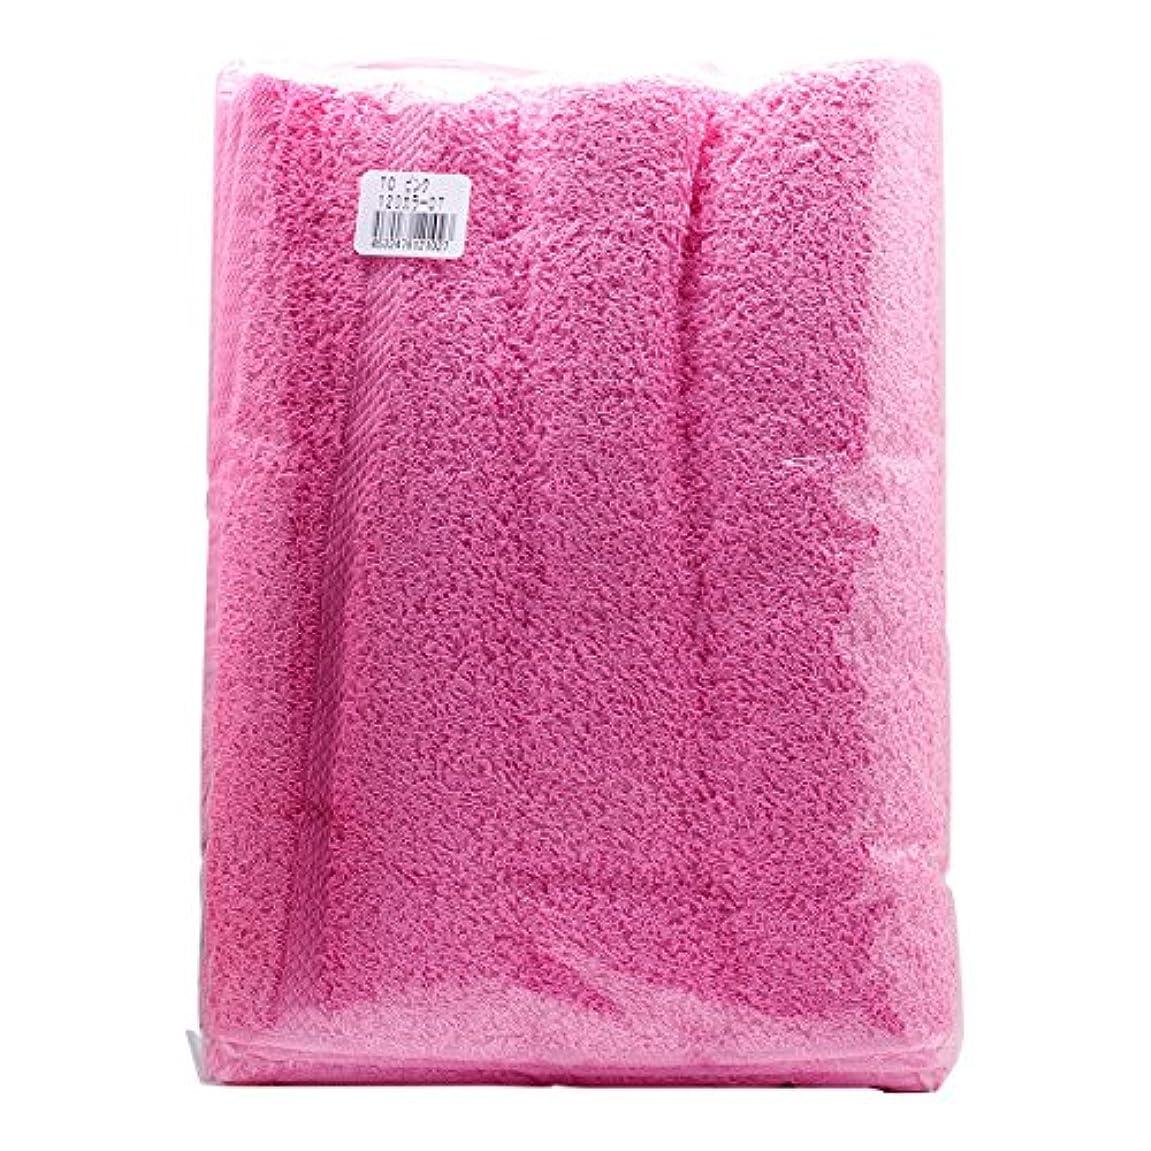 オッズパンツ巨大なTO カラーおしぼり 120匁 (12枚入) ピンク